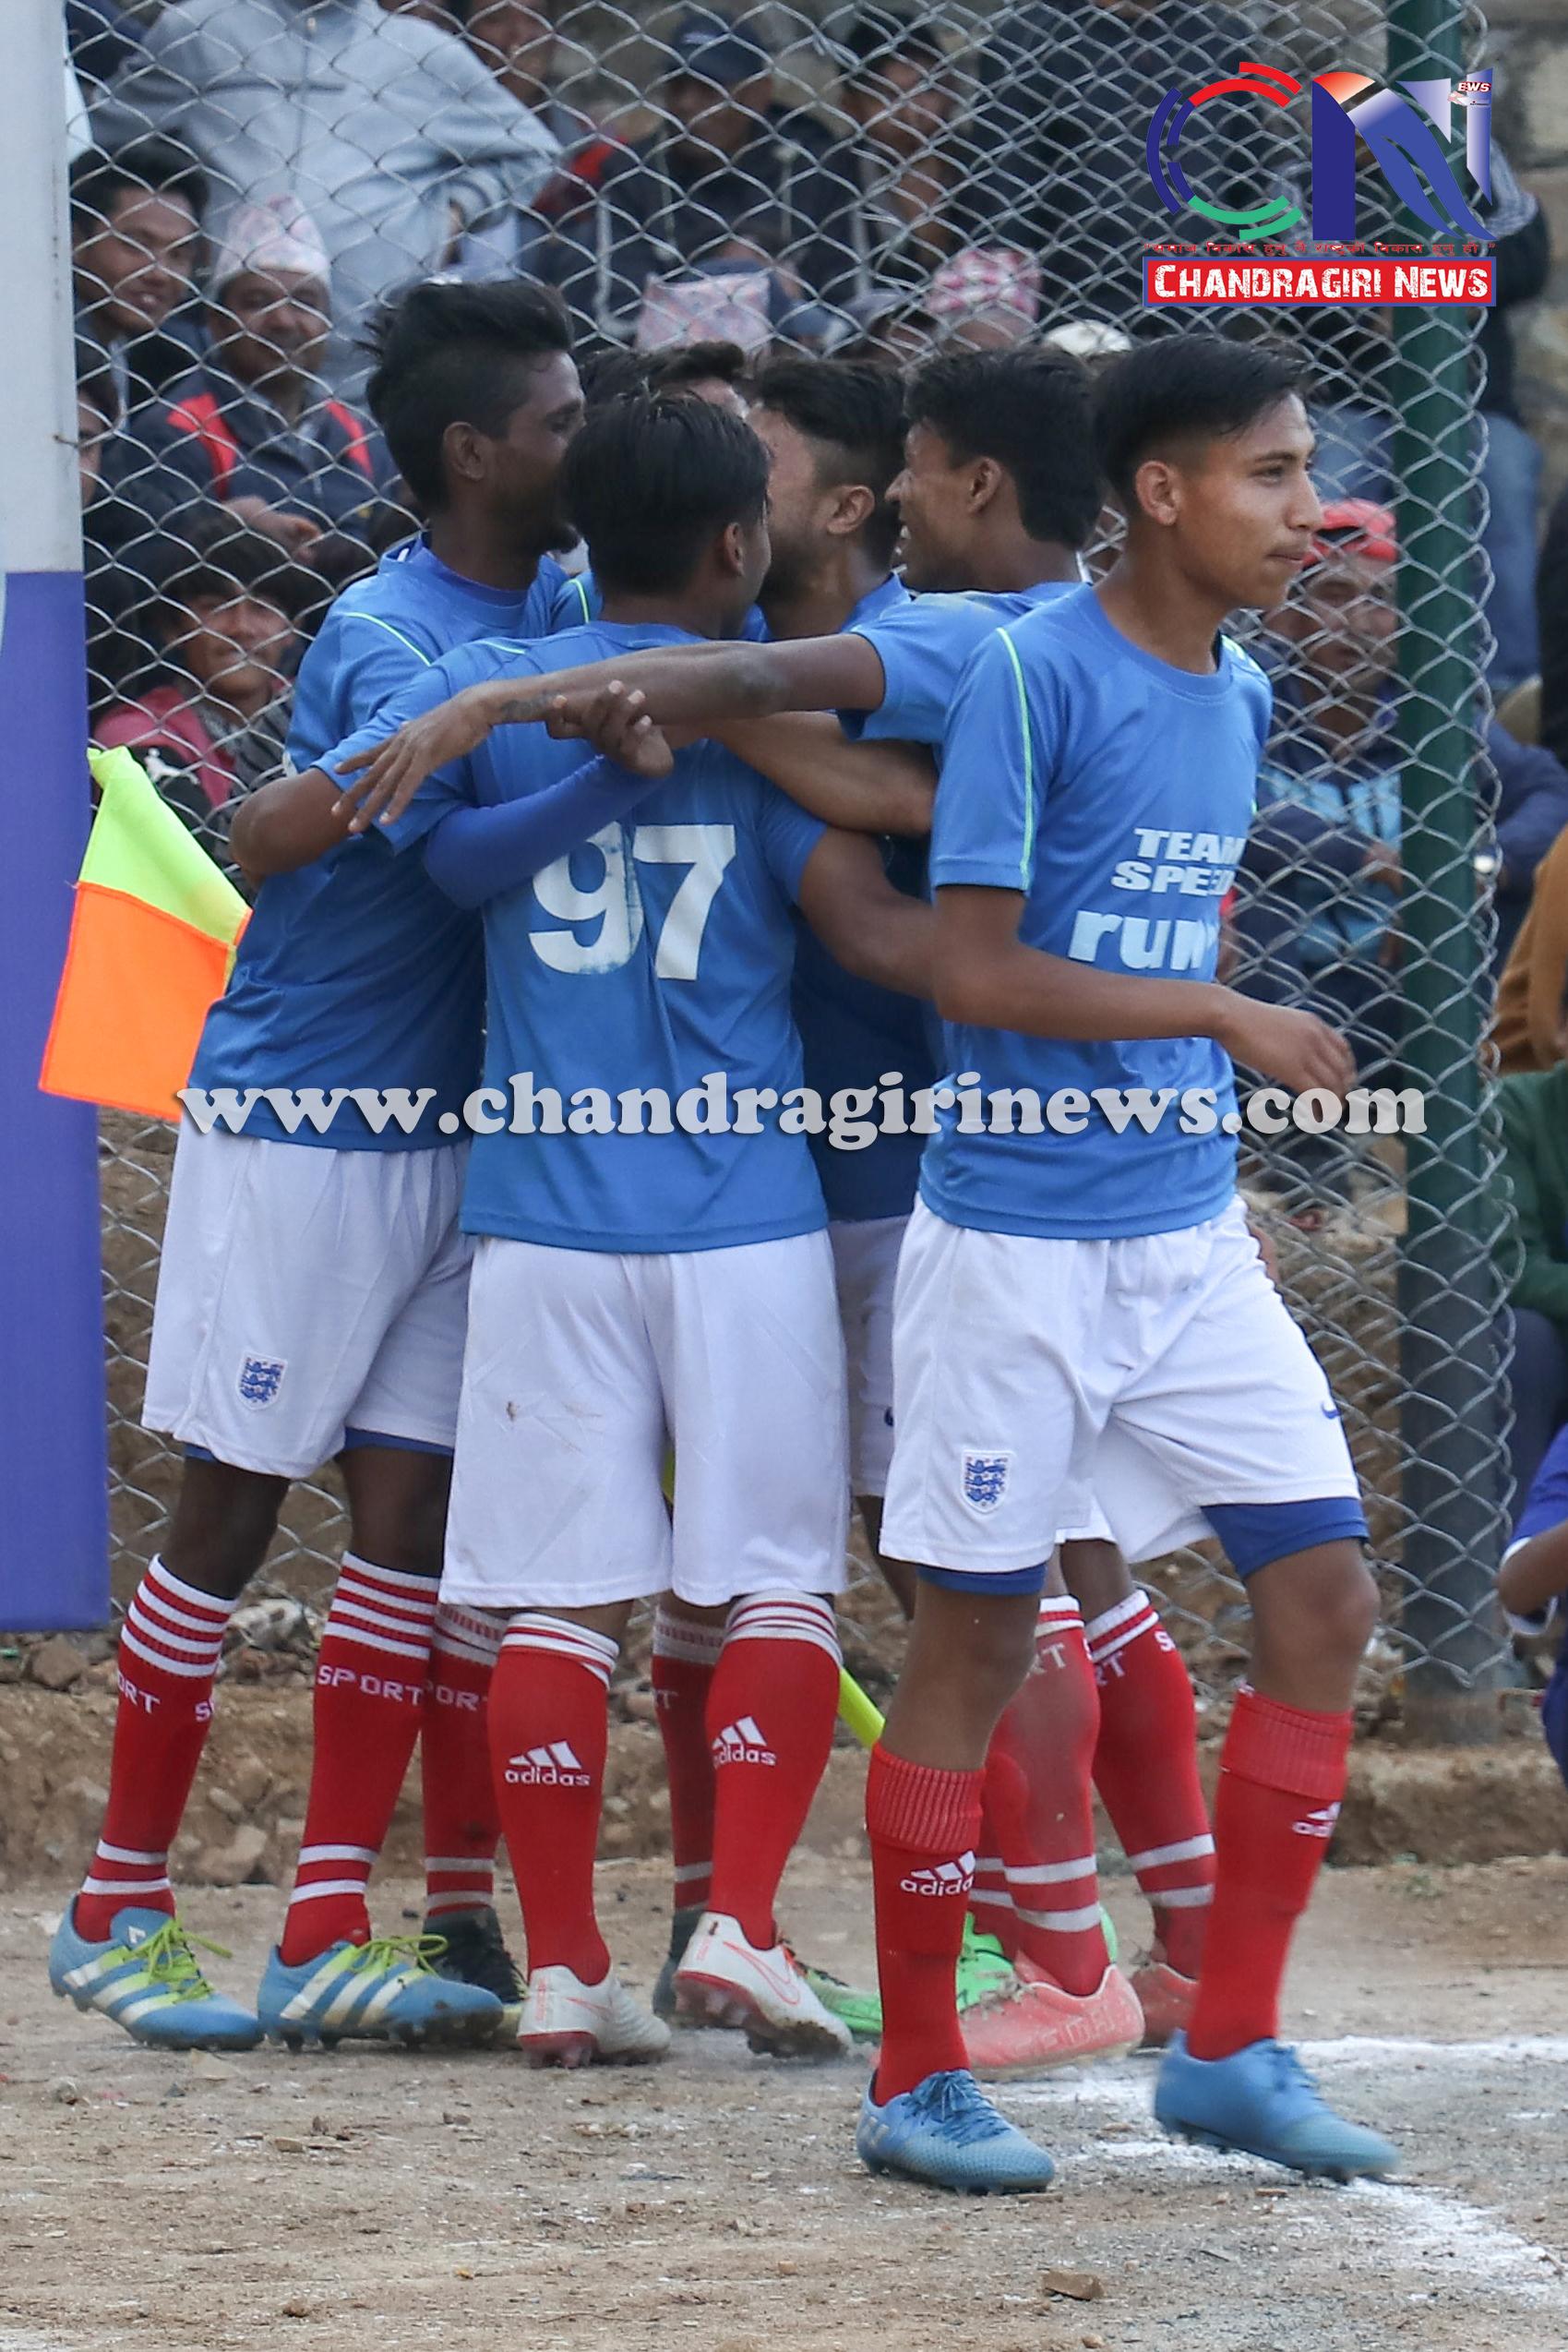 Chandragirinews western-united-final-4-1 नेपालय वइस्टर्न यूनाइटेड फुटबलको उपाधि टिम स्पिड न्यूरोडलाई खेलकुद ब्रेकिंग न्युज मुख्य    chandragiri